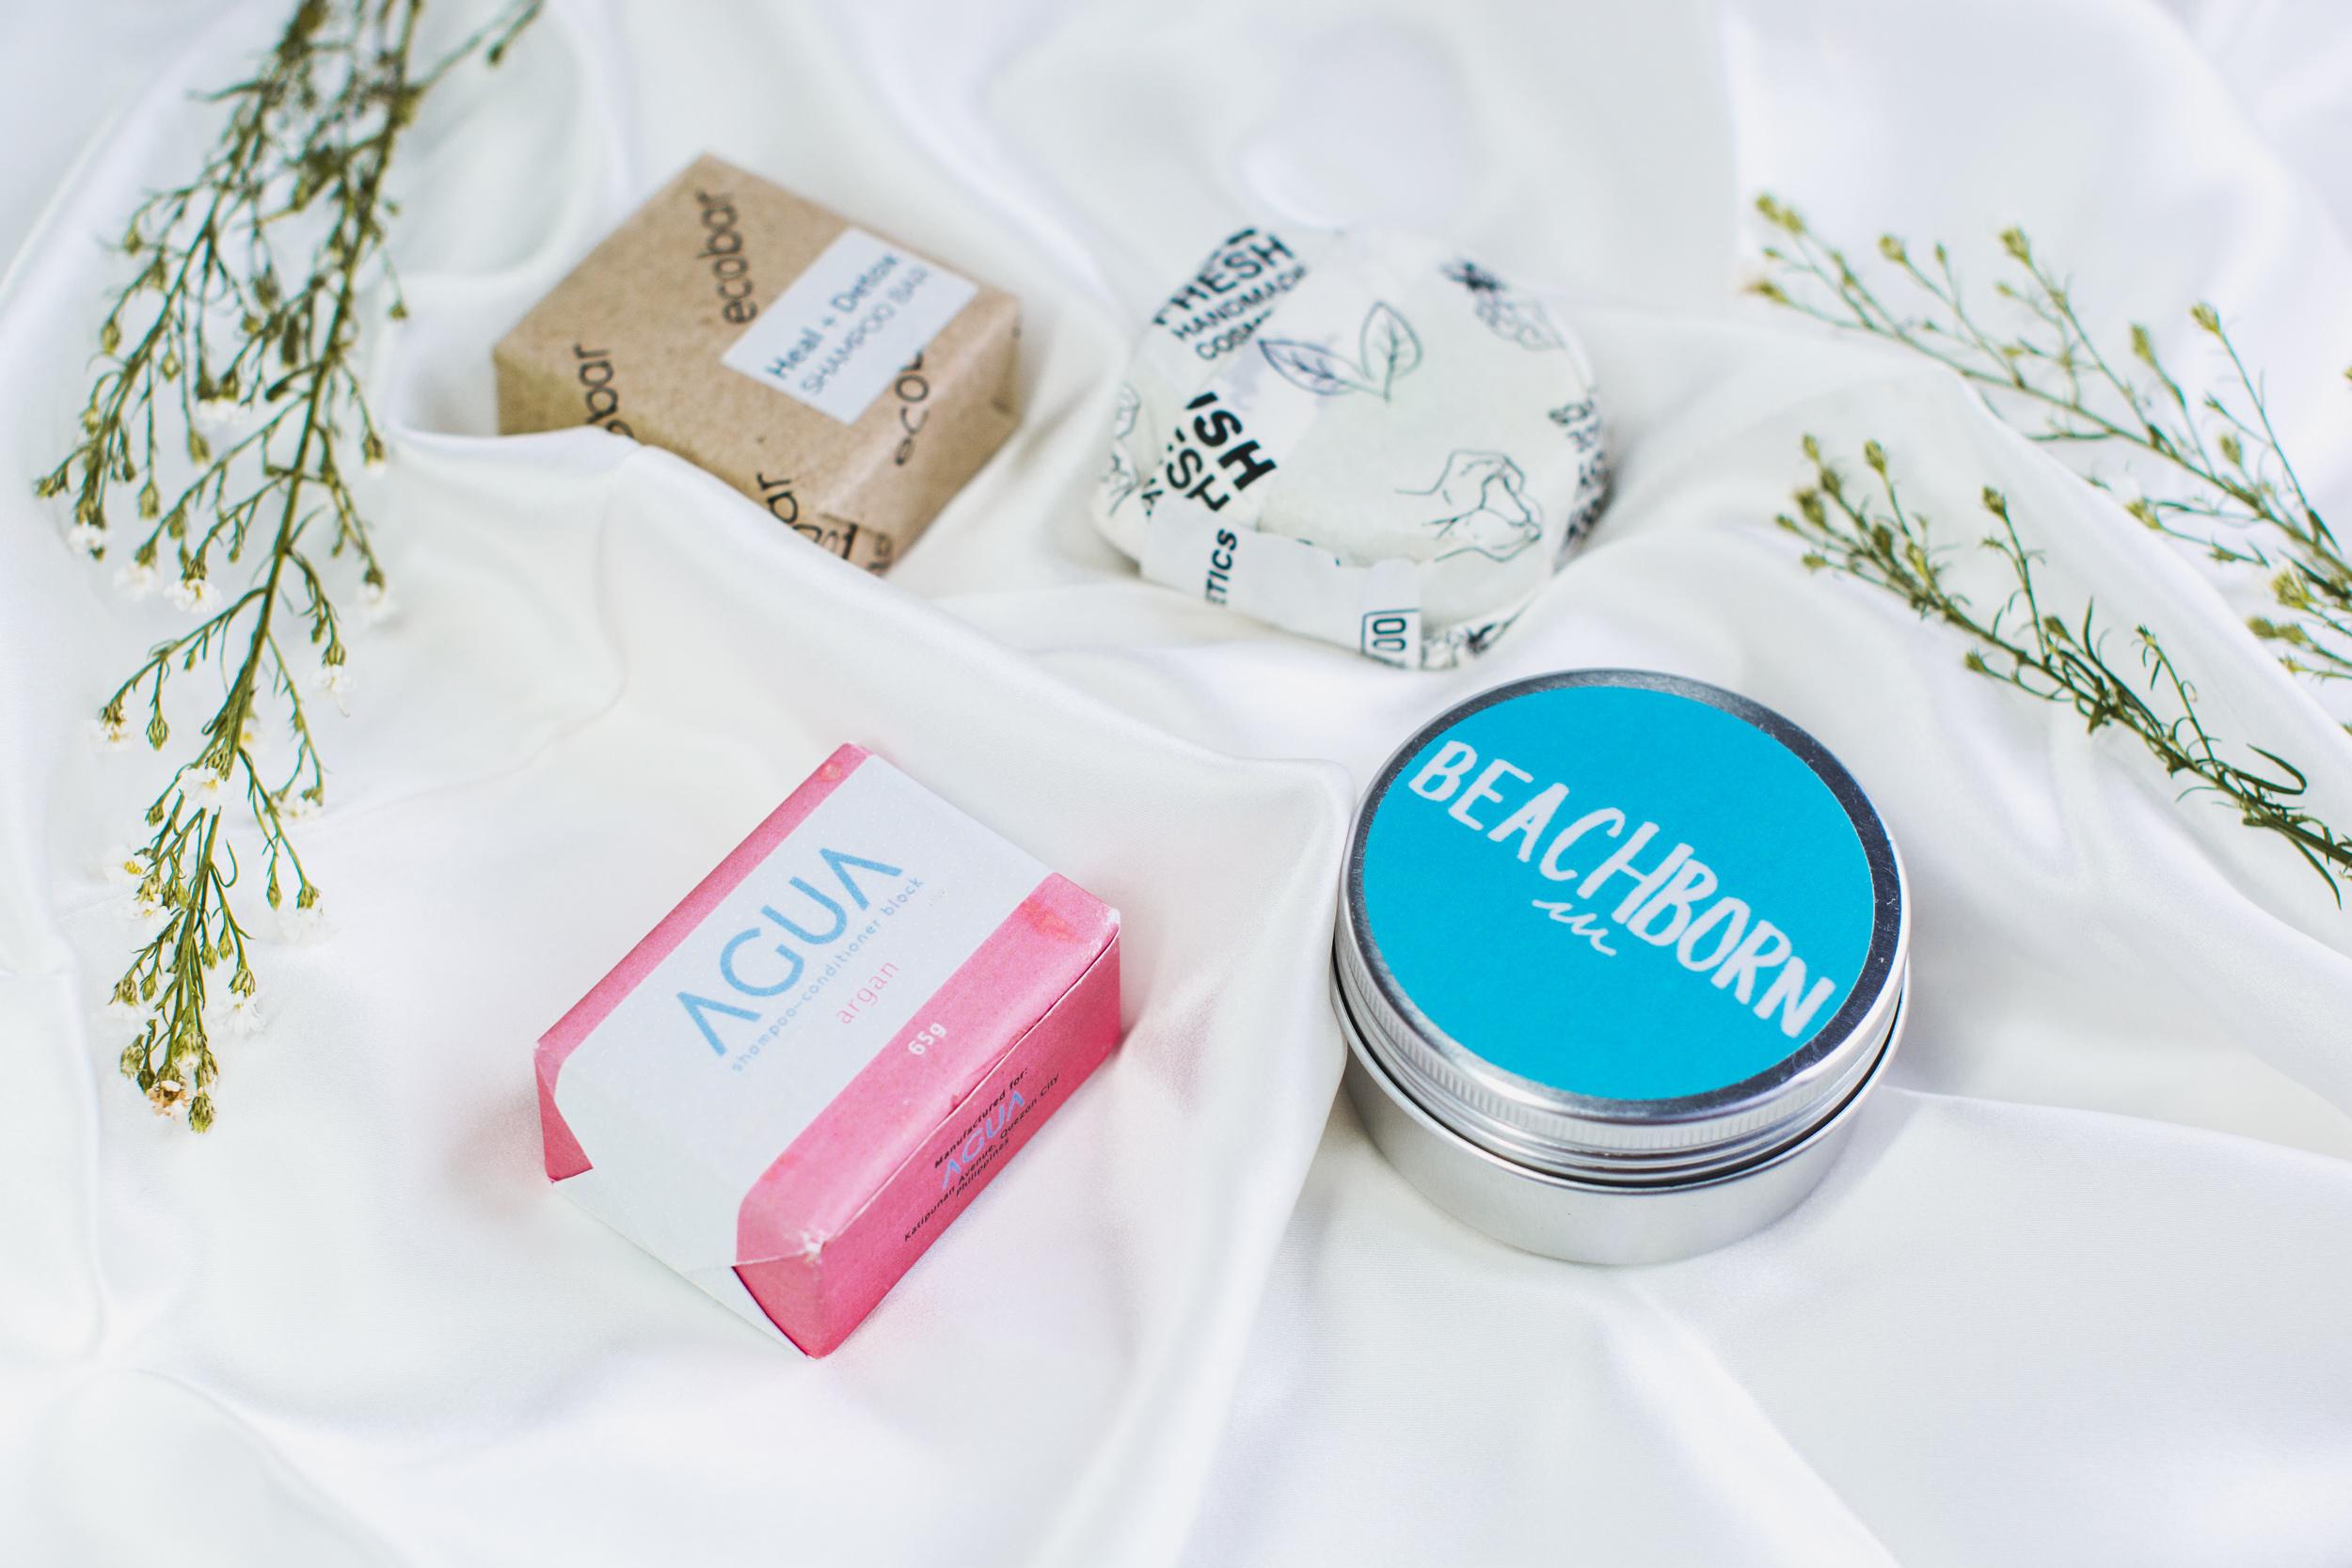 shampoo-bars_lush-beachborn-agua-ecobar_review-philippines_2019-2.JPG